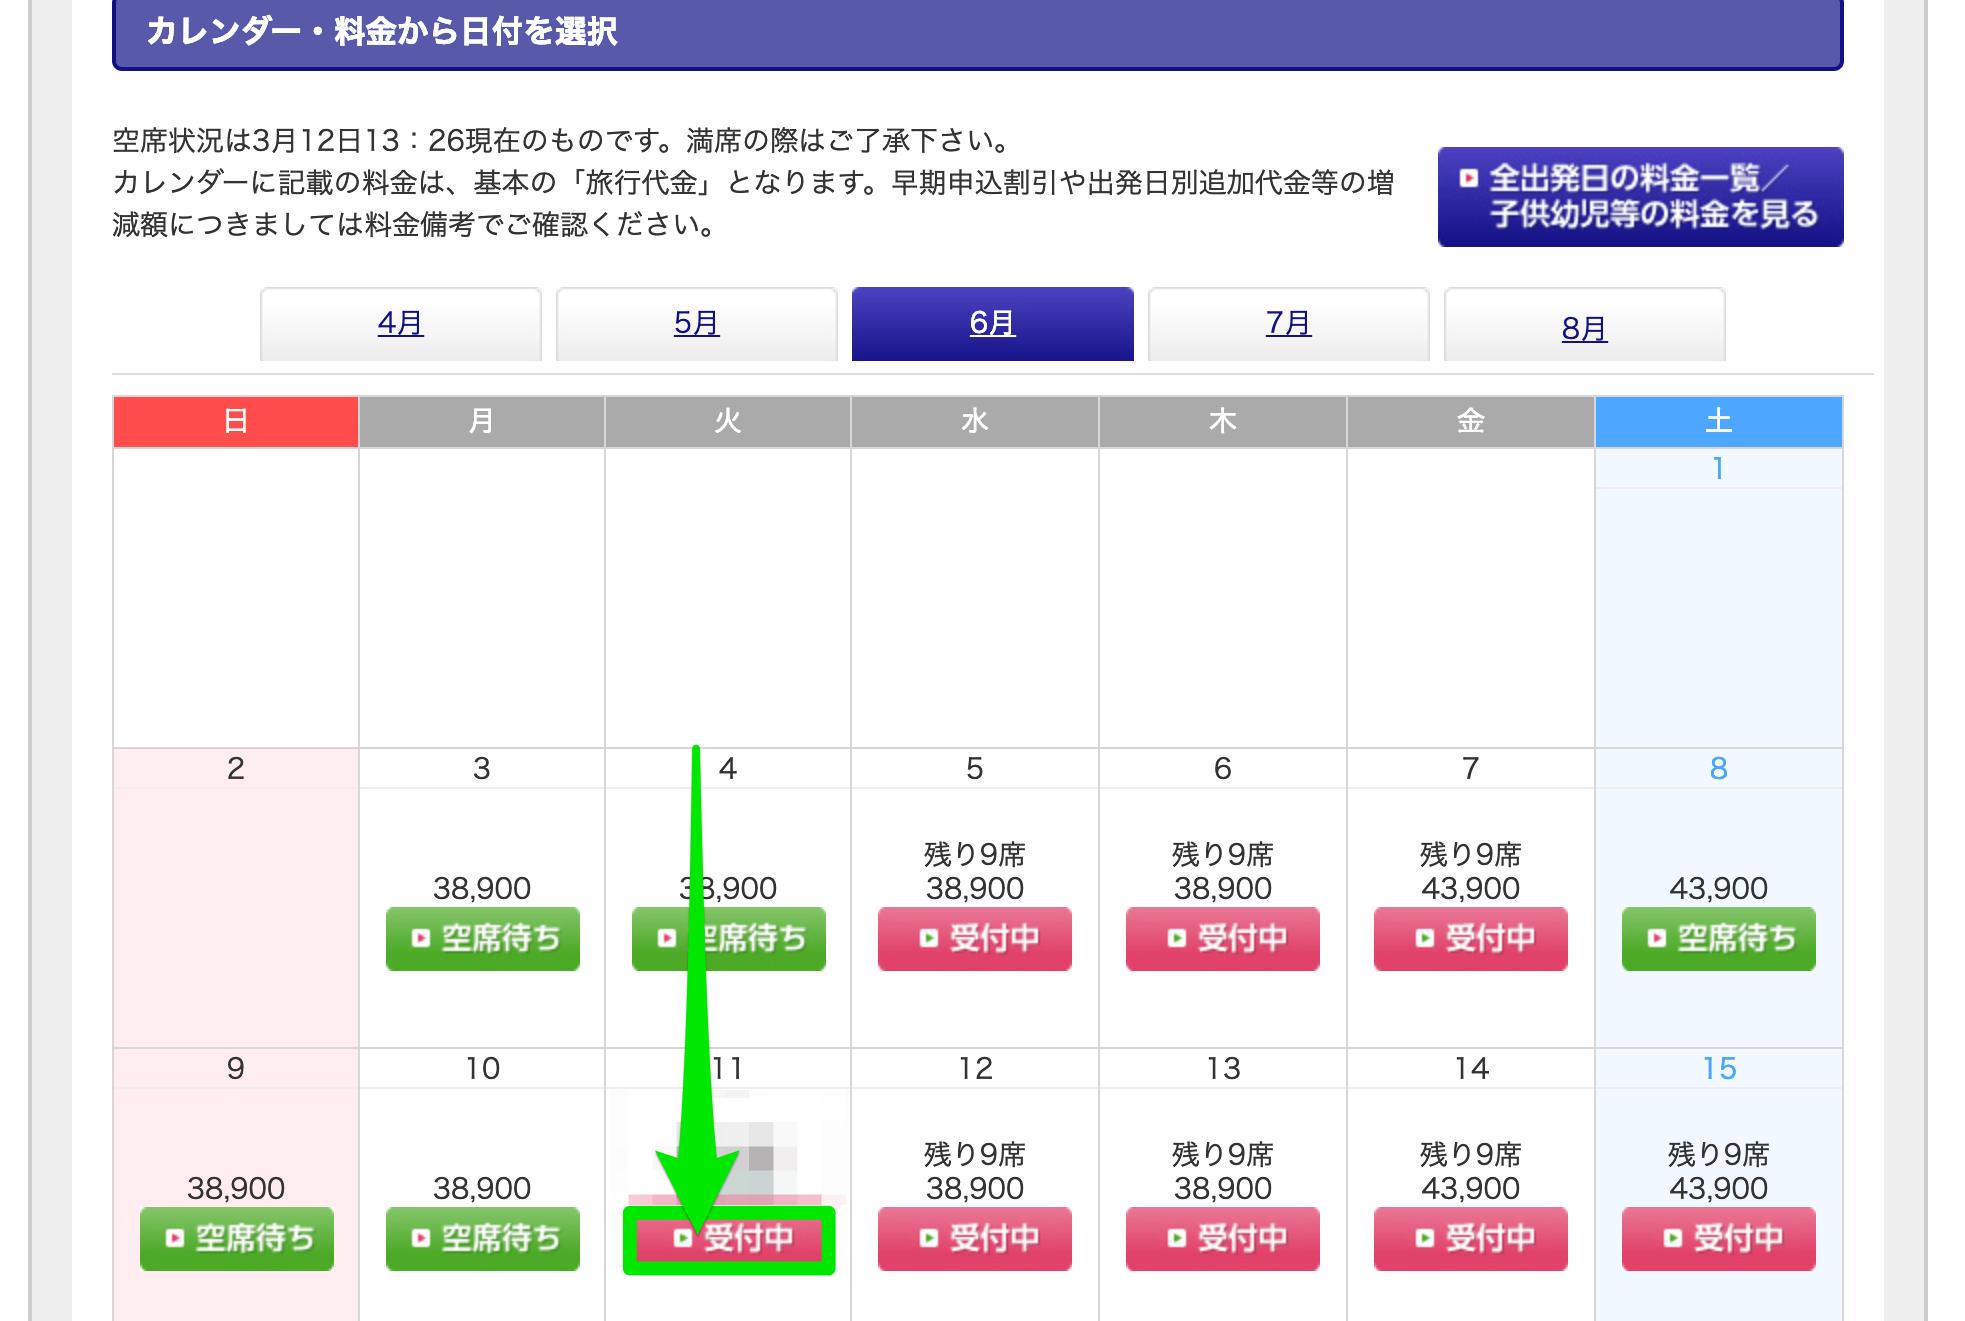 日本旅行で海外ツアー予約の日程を入力